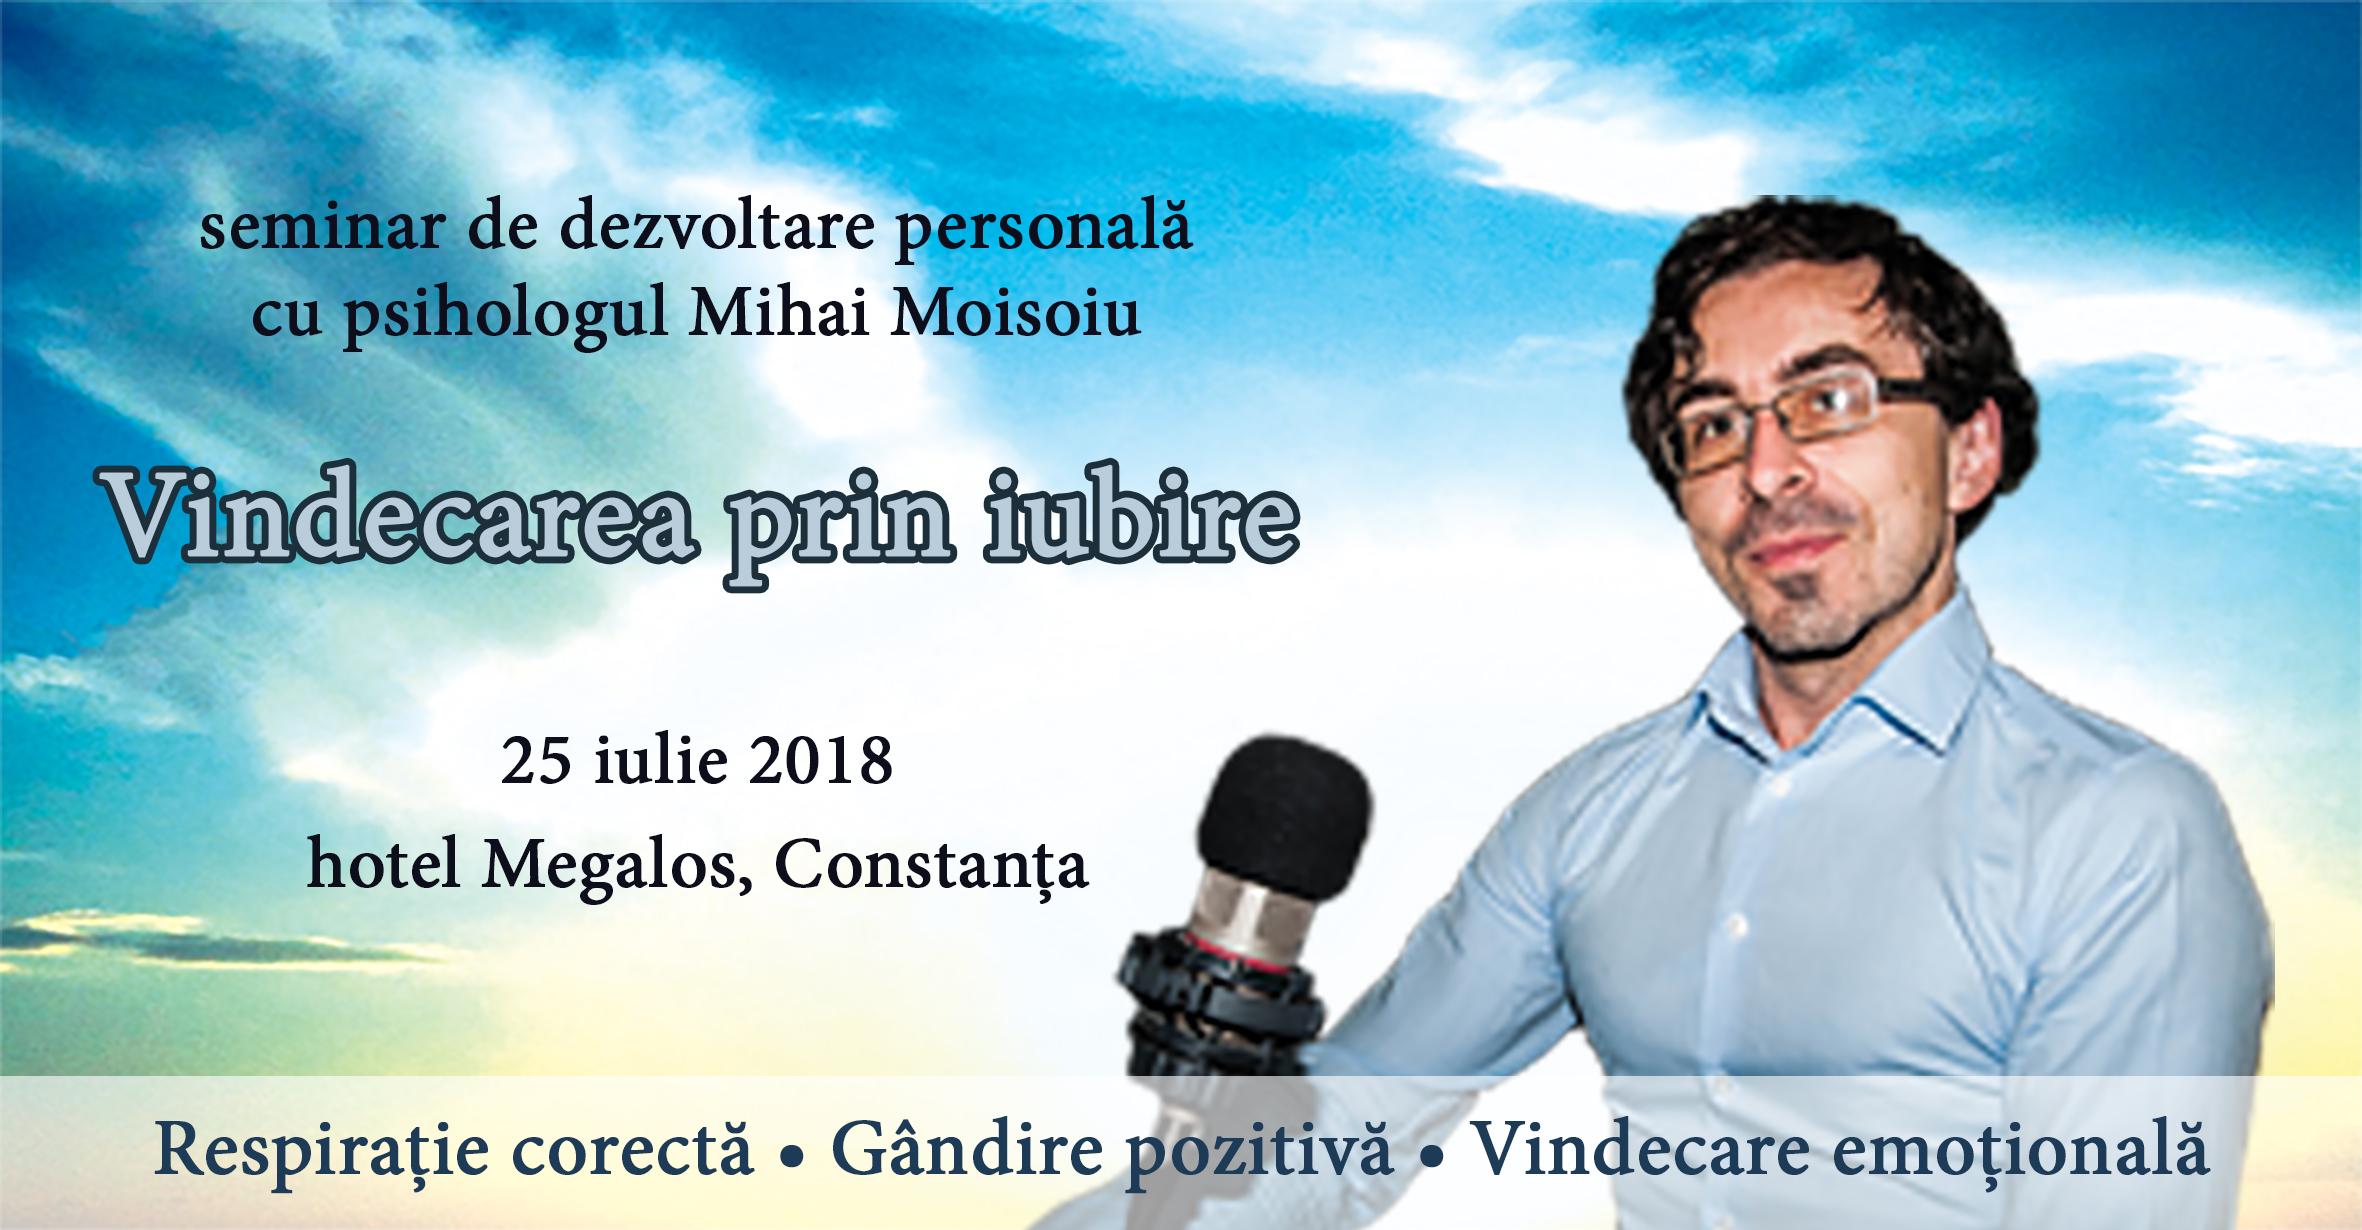 """Seminar de dezvoltare personală """"Vindecarea prin iubire"""", 25 iulie, Constanța"""